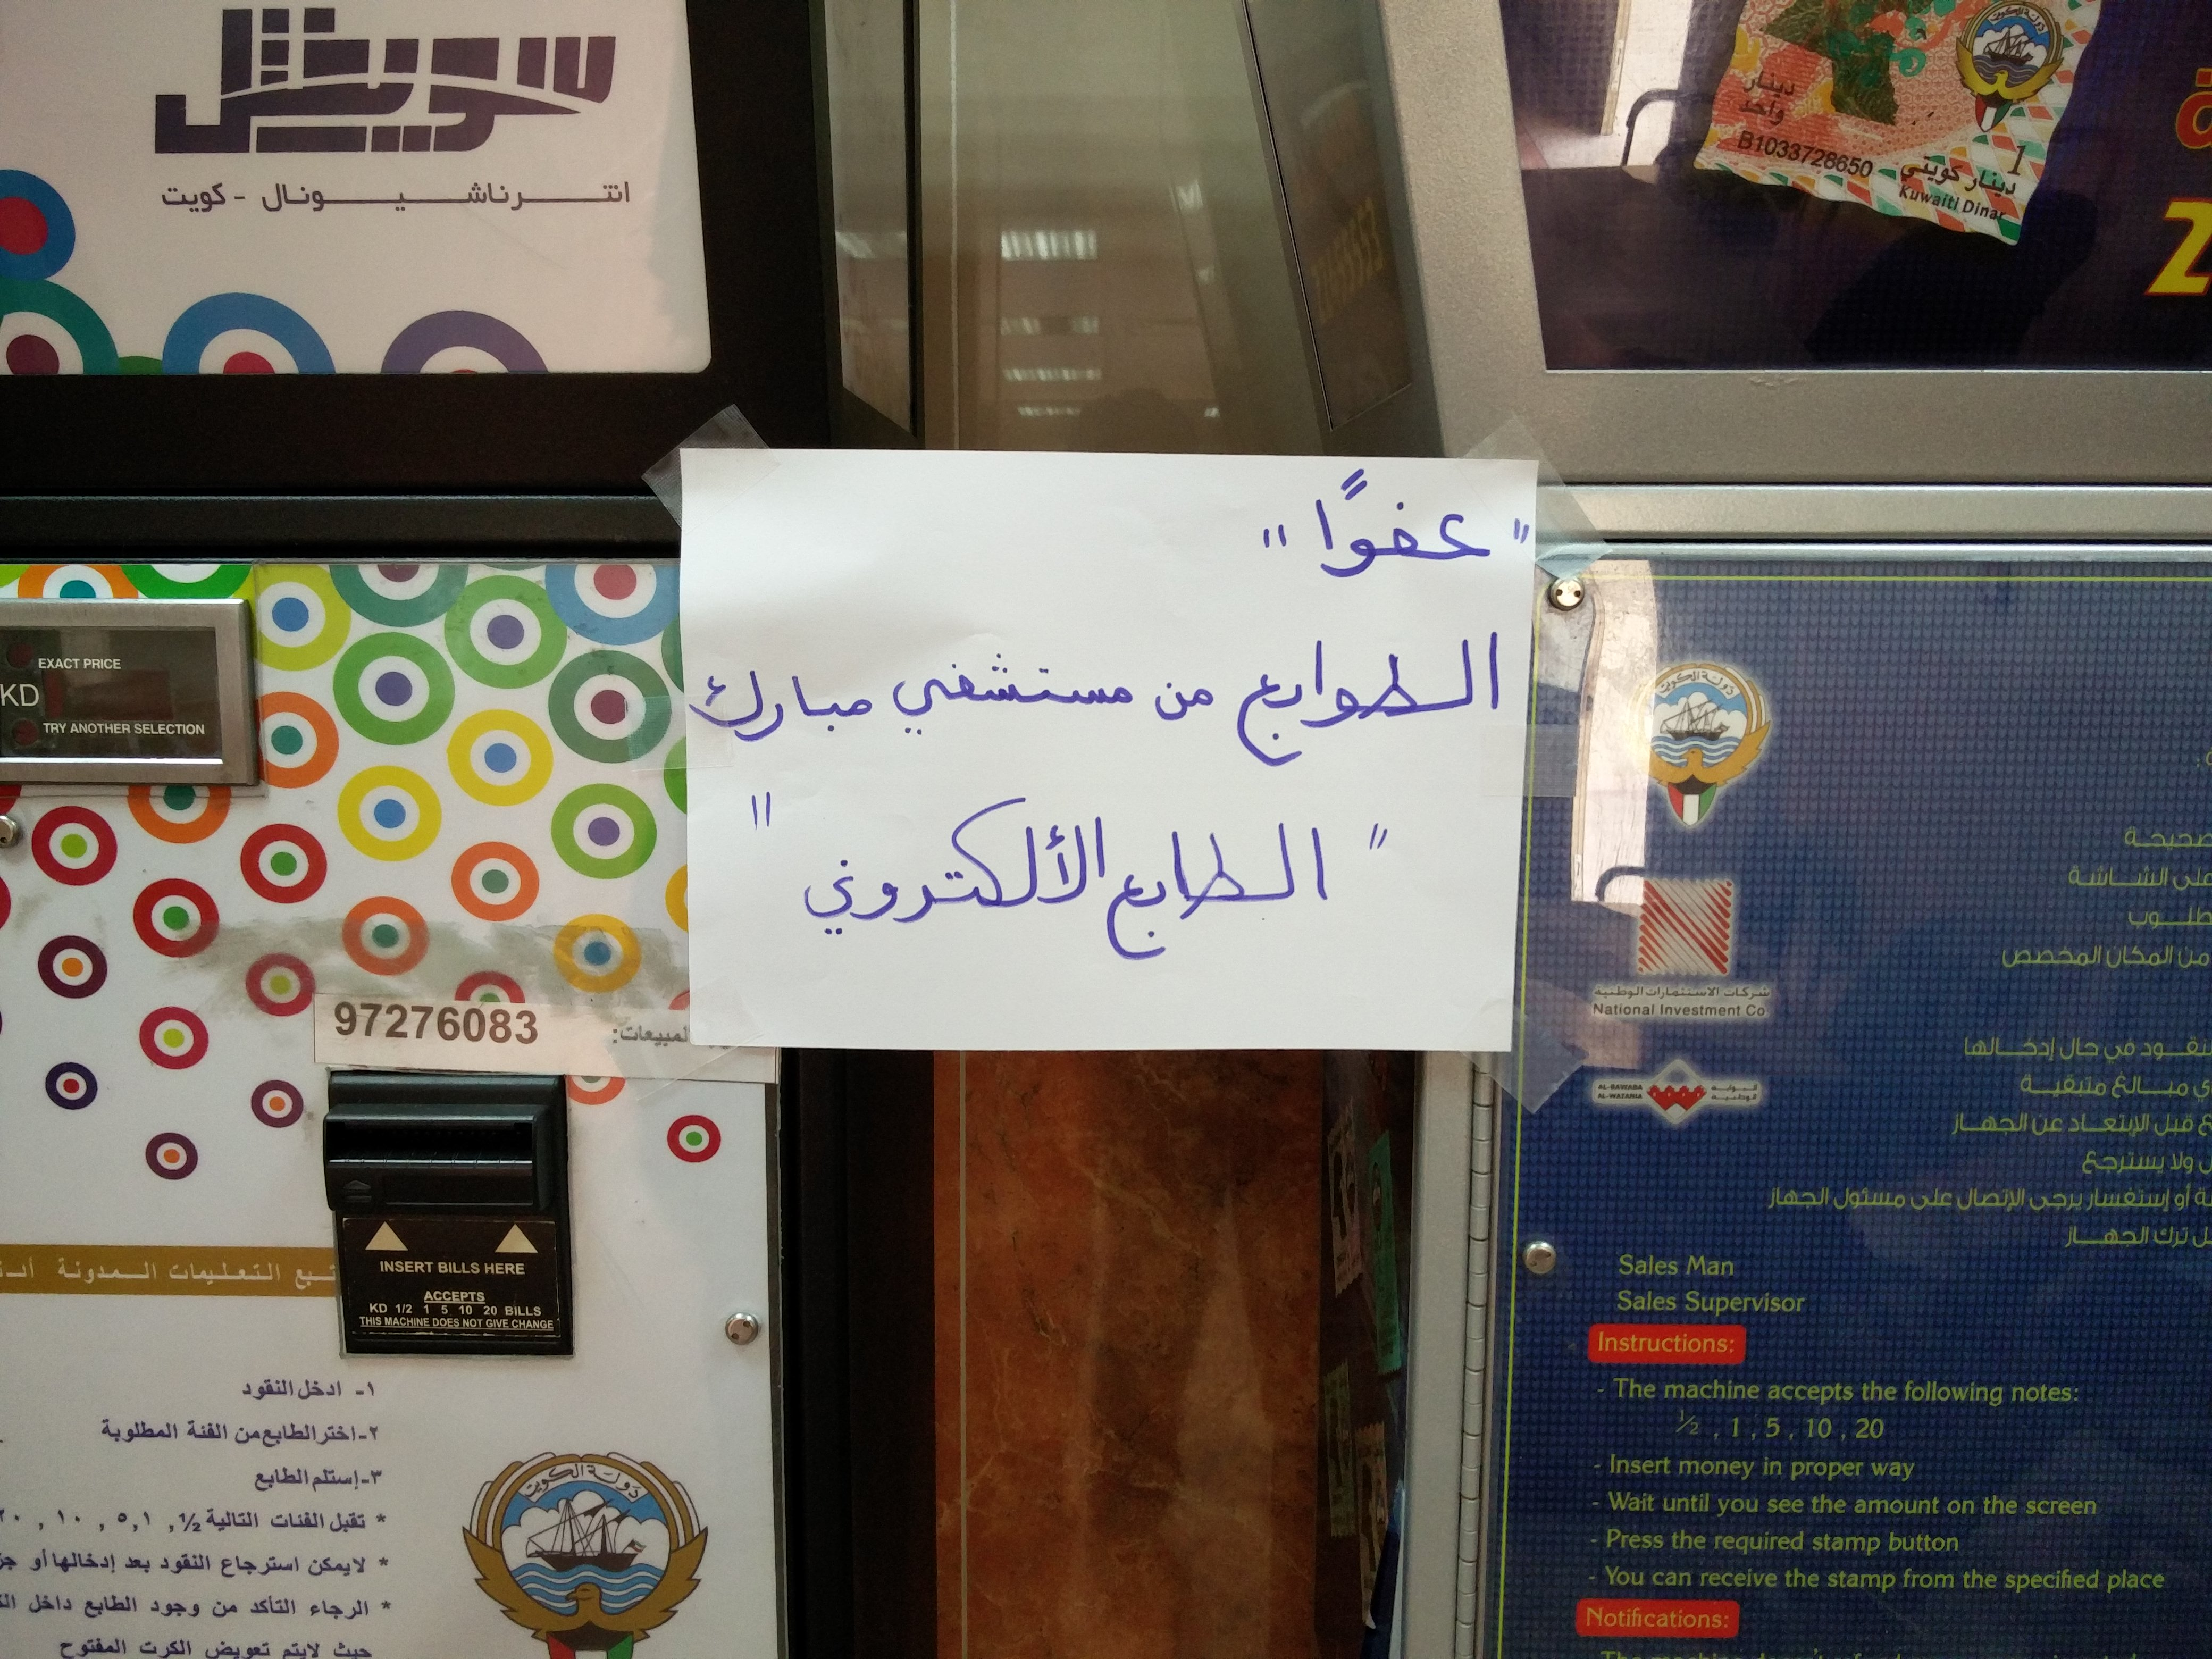 مركز الشيخ ناصر سعود الصباح الطبي في الجابرية خالي من الطوابع